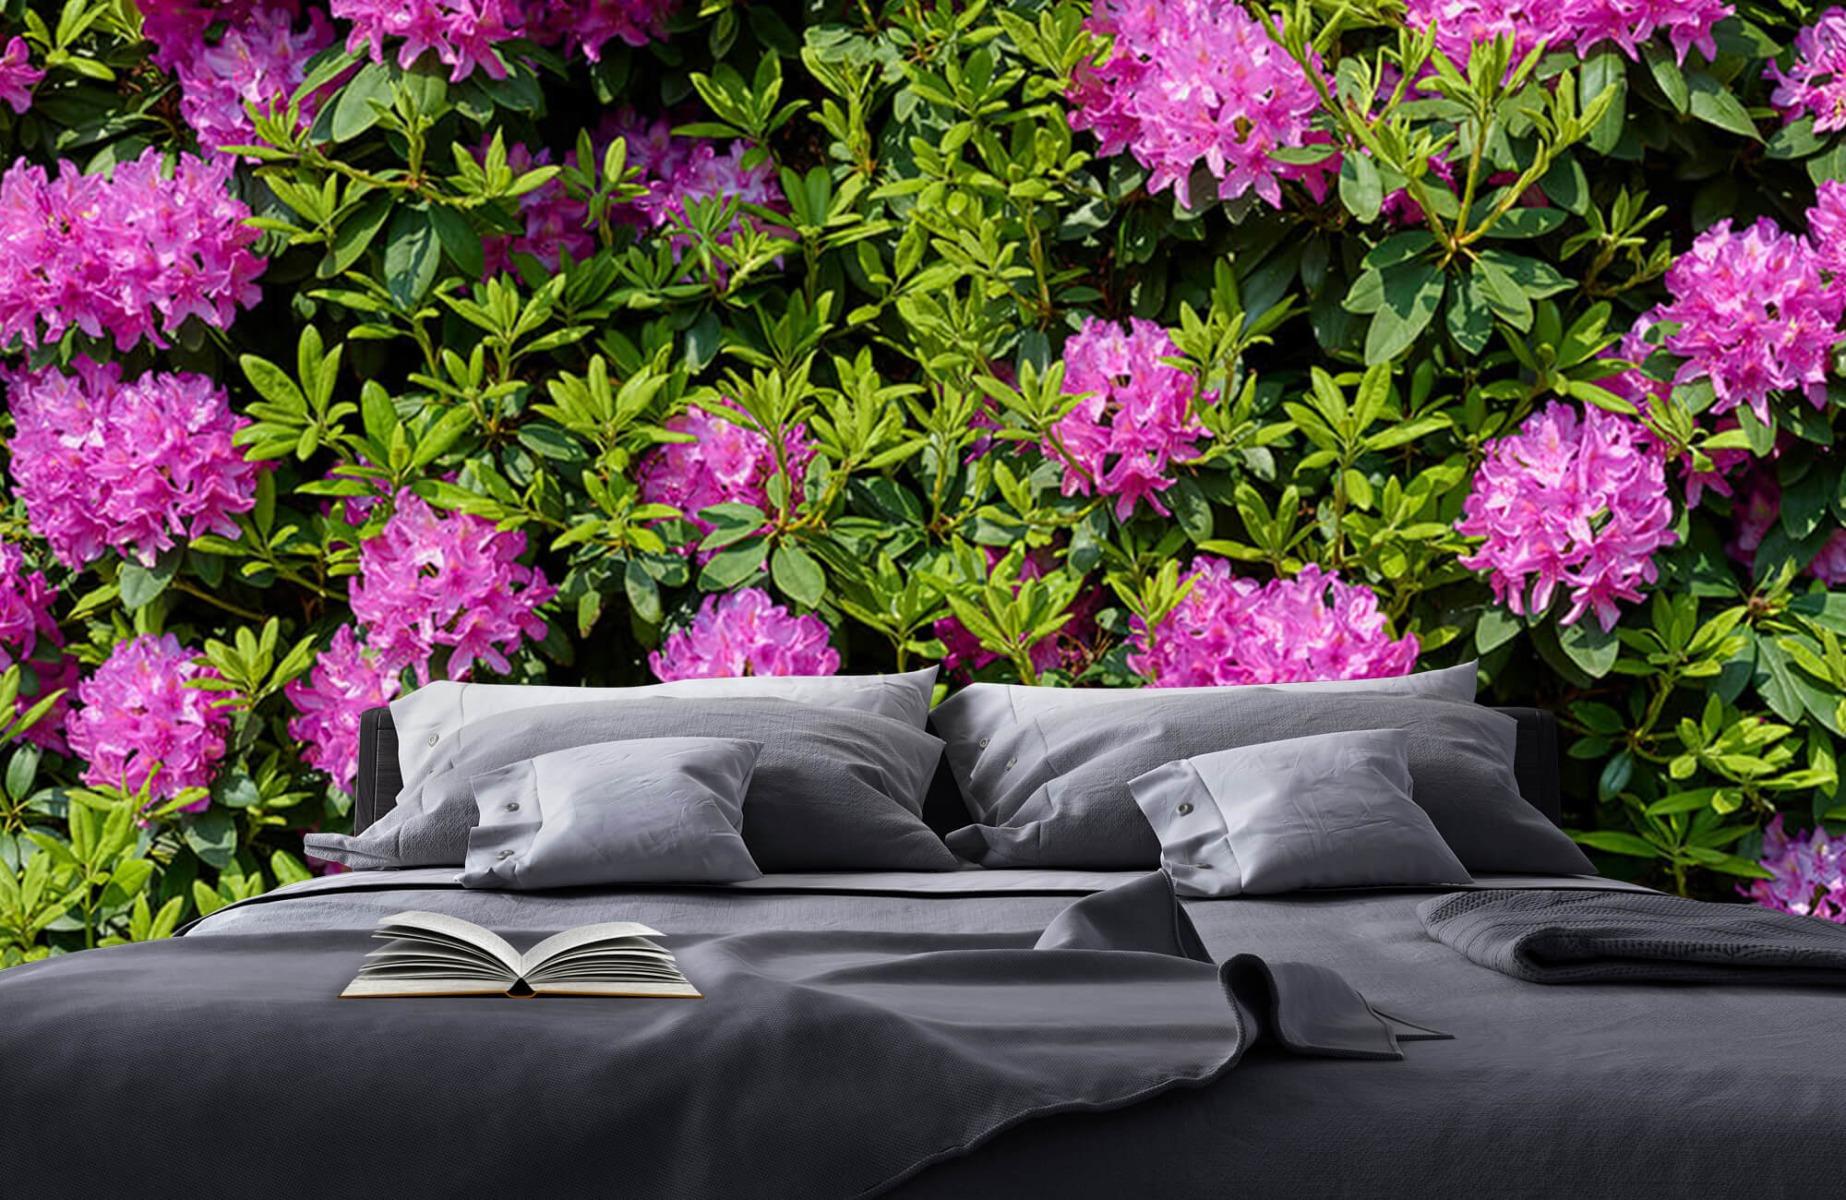 Bloemenvelden - Grote muur van rododendrons - Wallexclusive - Woonkamer 1